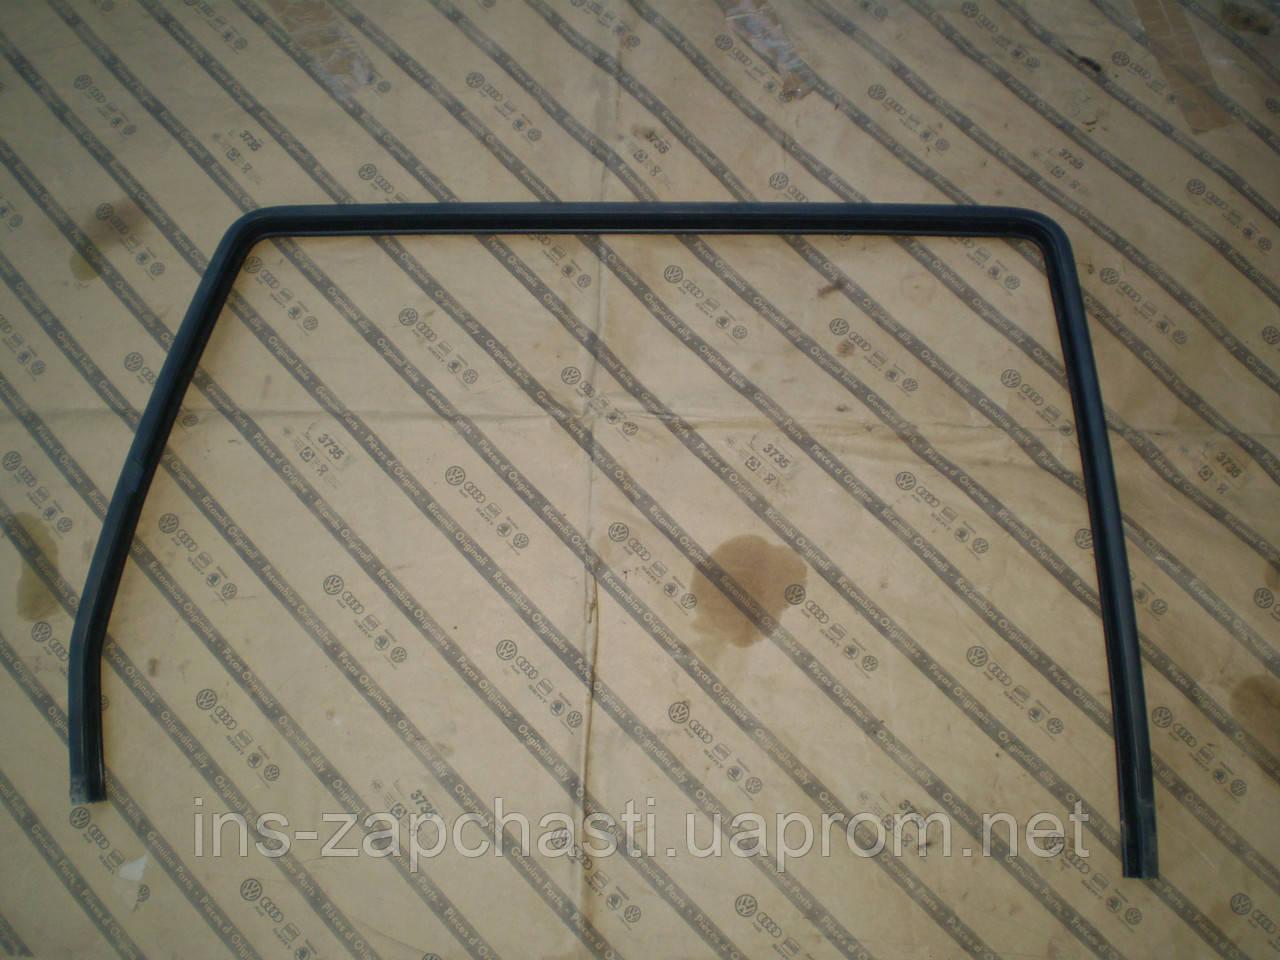 Уплотнитель стекла, Рамка стекла. Обводка стекла. на заднюю праву дверку Sharan Alhambra Galaxy